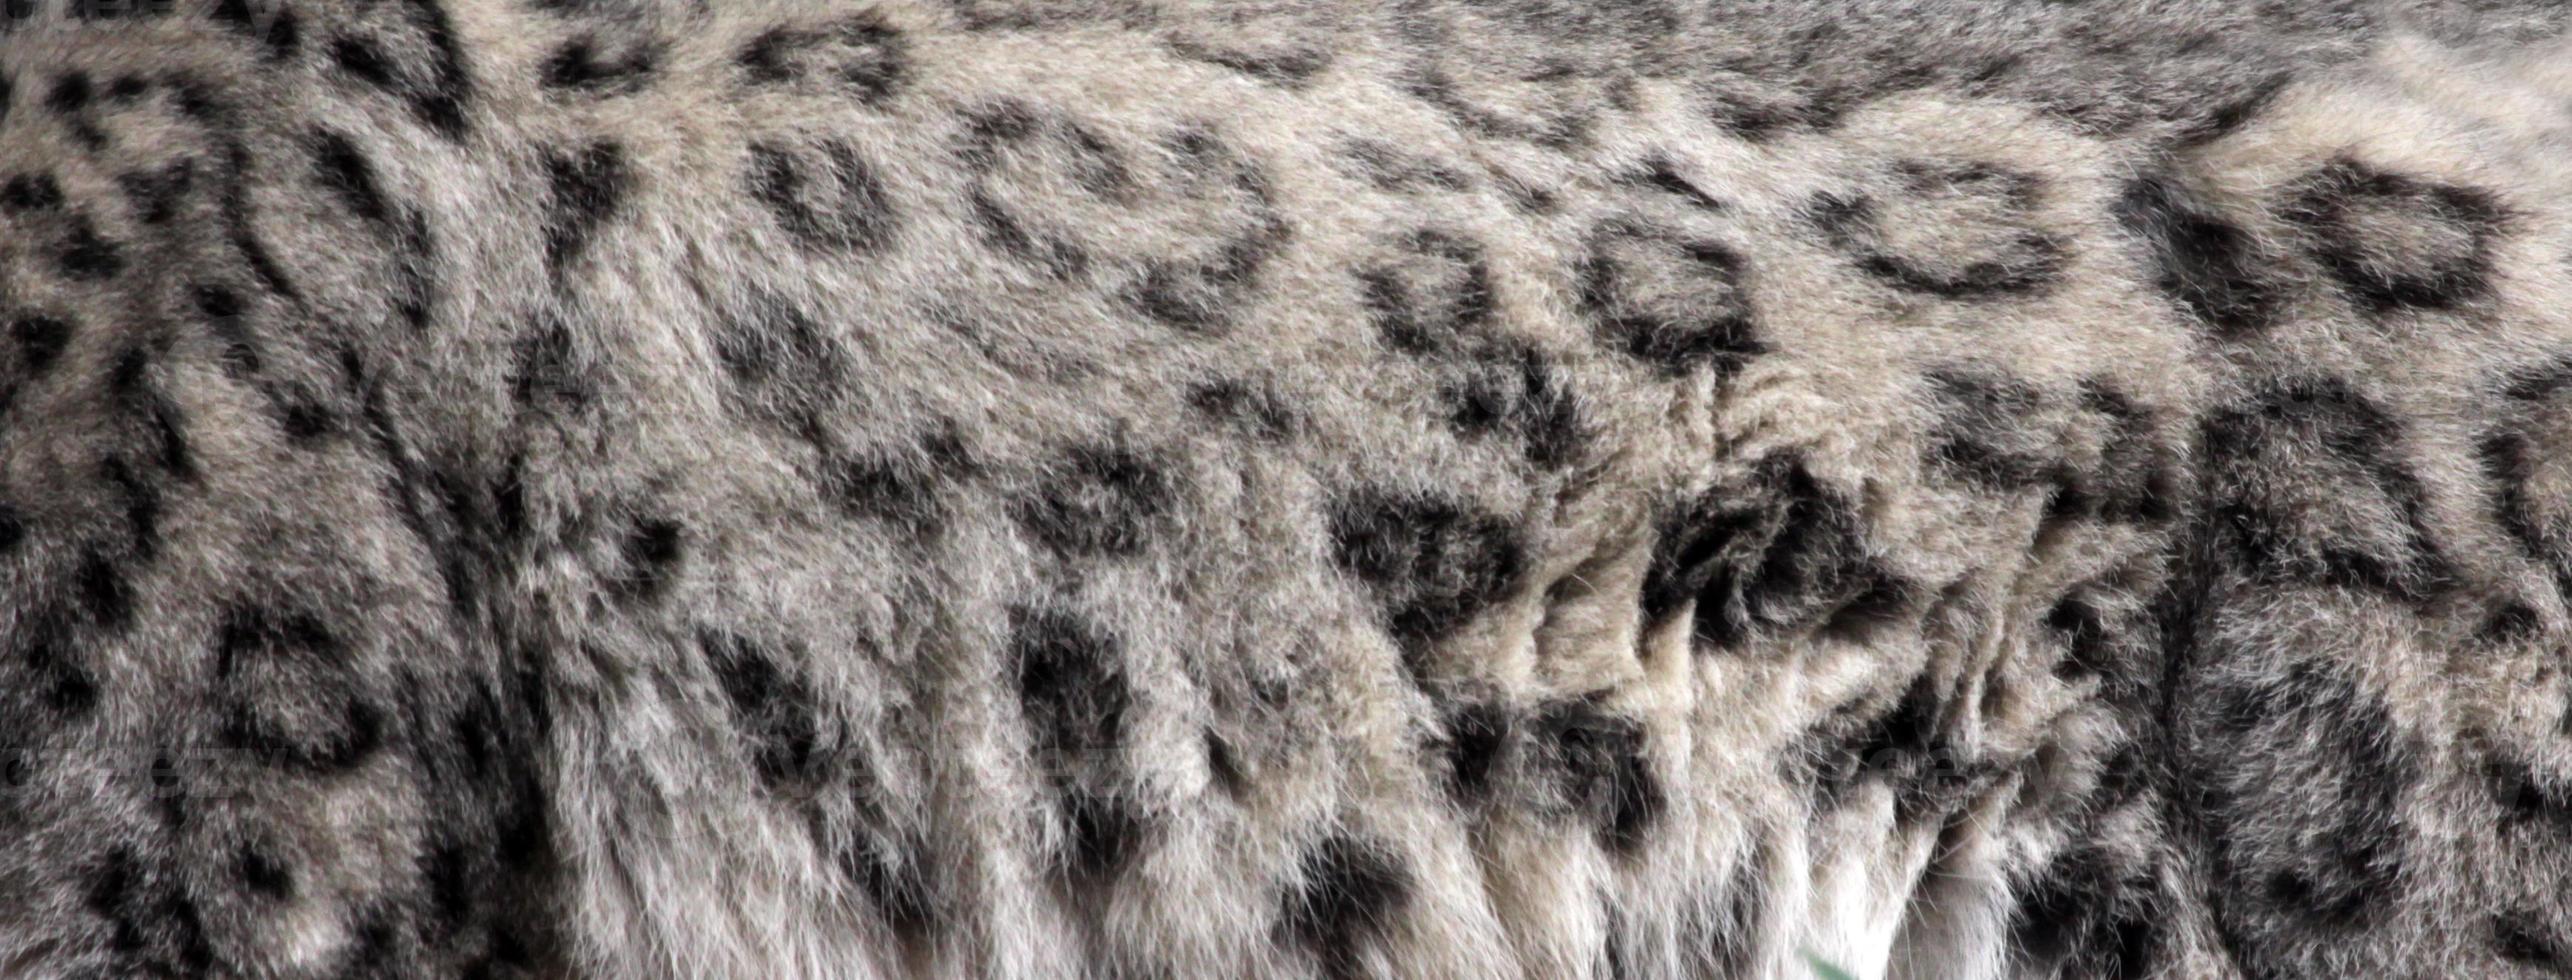 piel de leopardo de las nieves foto